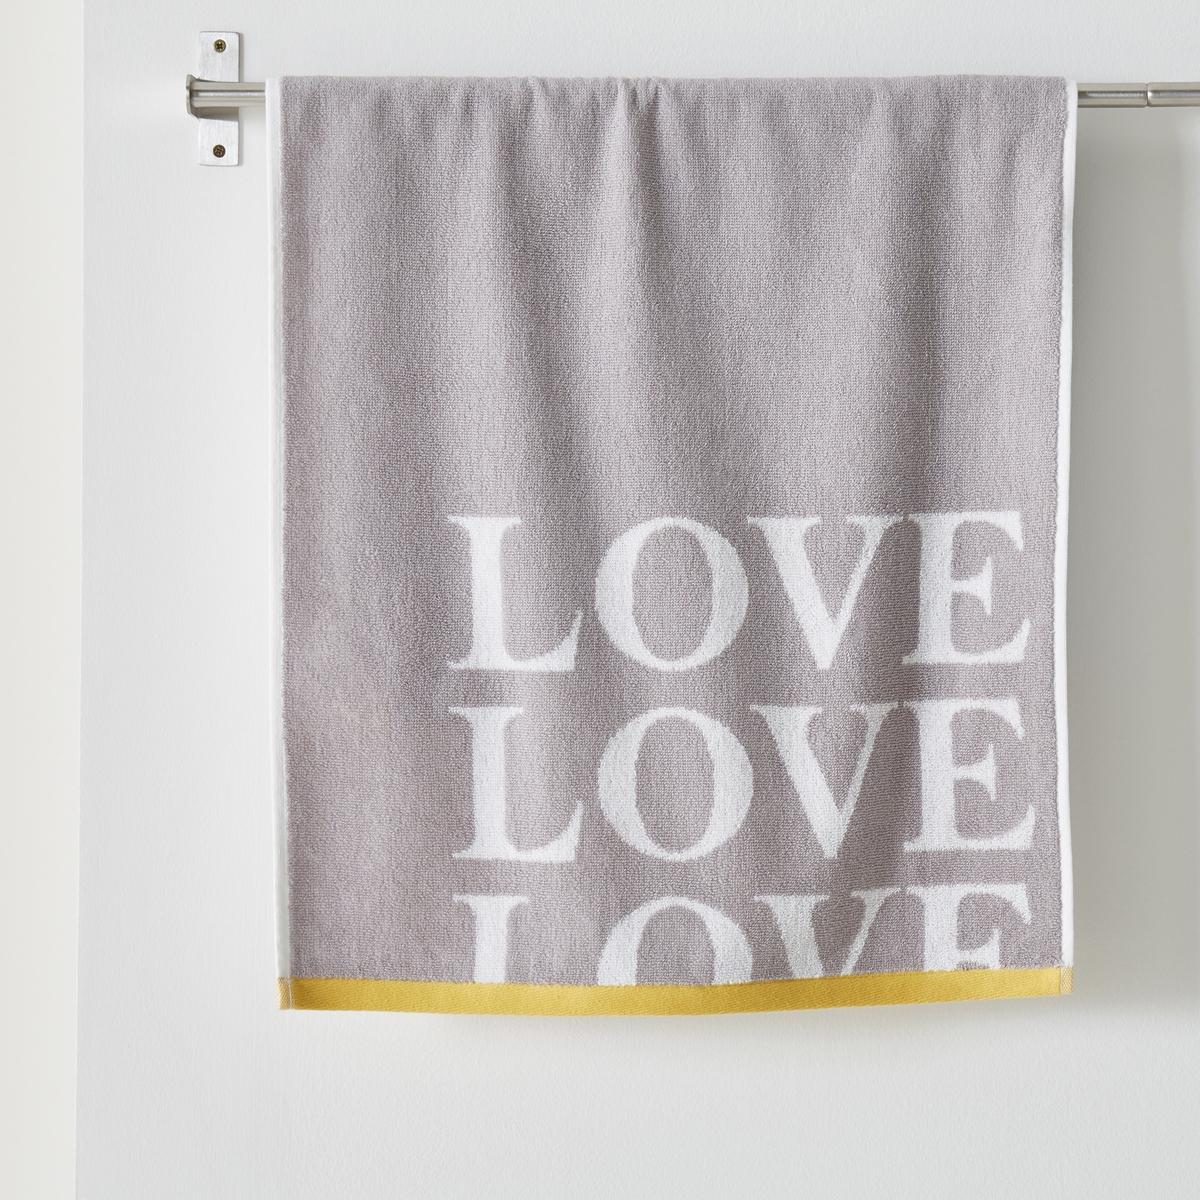 Полотенце махровое LOVE, 100% хлопокМахровое полотенце LOVE из хлопка. Полотенце из мягкого и плотного хлопка LOVE, Вы его полюбите! Отделка контрастной кромкой, следуя модным тенденциям.Характеристики:Материал: махровая ткань из 100% хлопка, 450 г/м?.Уход:Стирать при 60°С.Размеры:50 x 100 см. Вы можете приобрести также другие модели полотенец на нашем сайте.<br><br>Цвет: антрацит,серый жемчужный